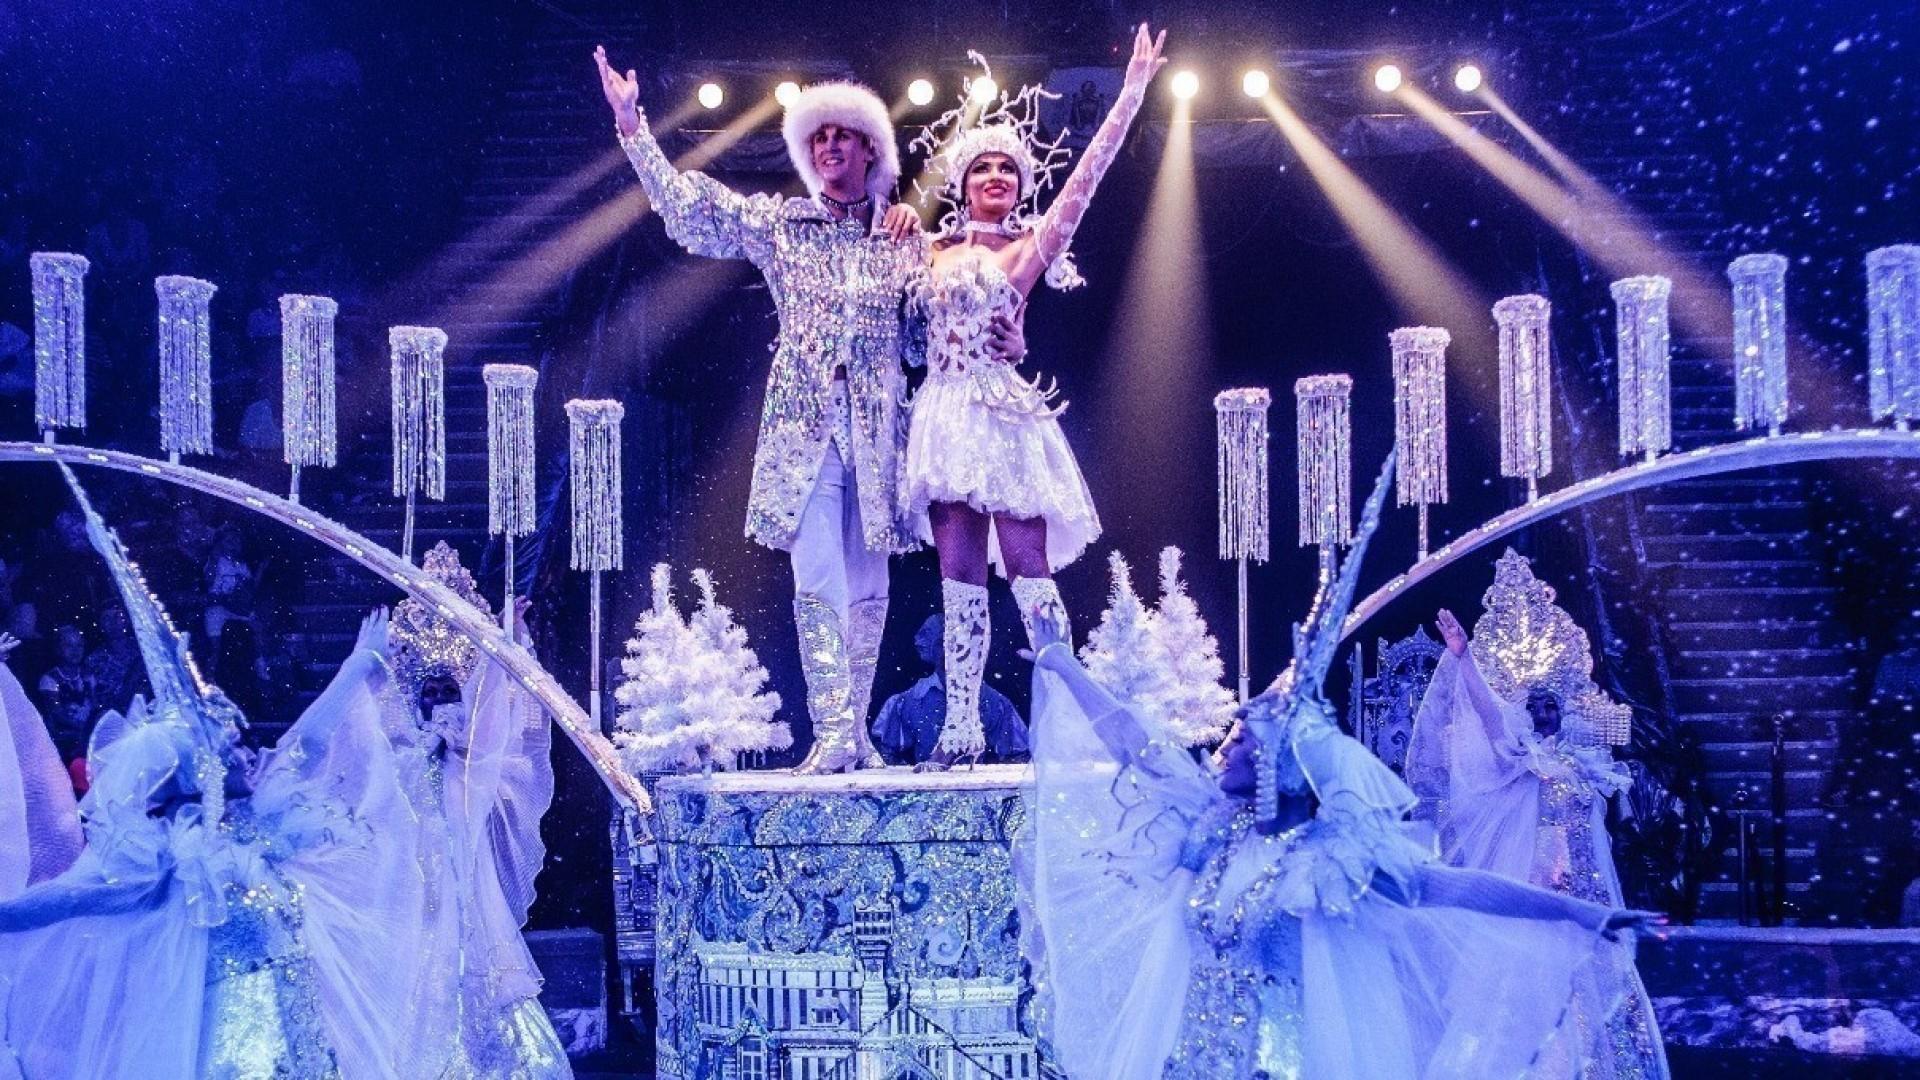 Шоу Гии Эрадзе «Баронеты»: удивительные номера с животными и потрясающий балет!